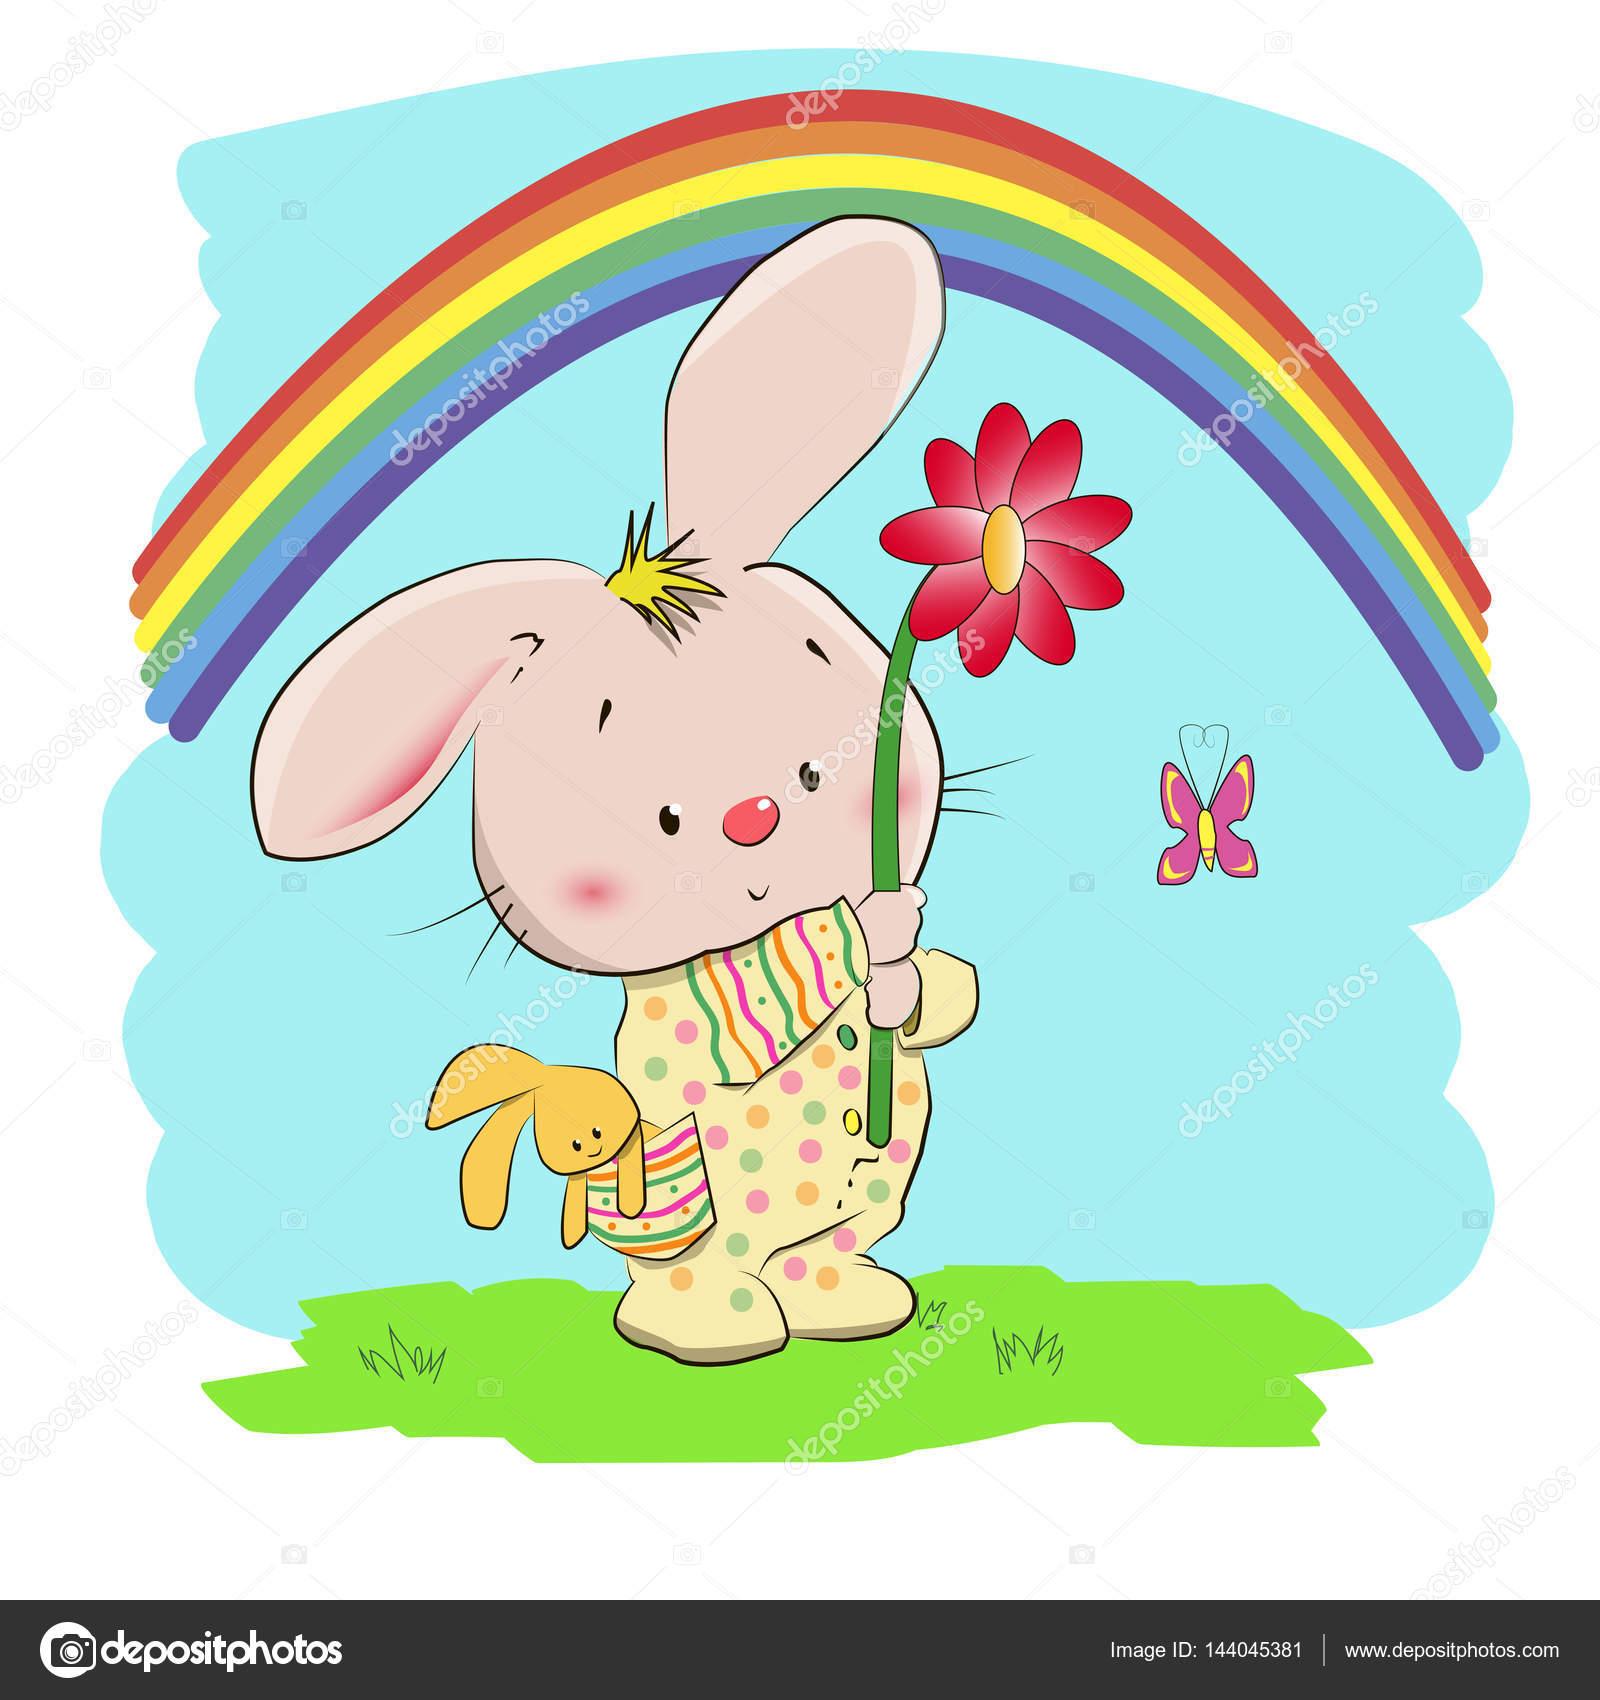 Un Petit Lapin Mignon Un Enfant Dessin Couleur Brillant Image